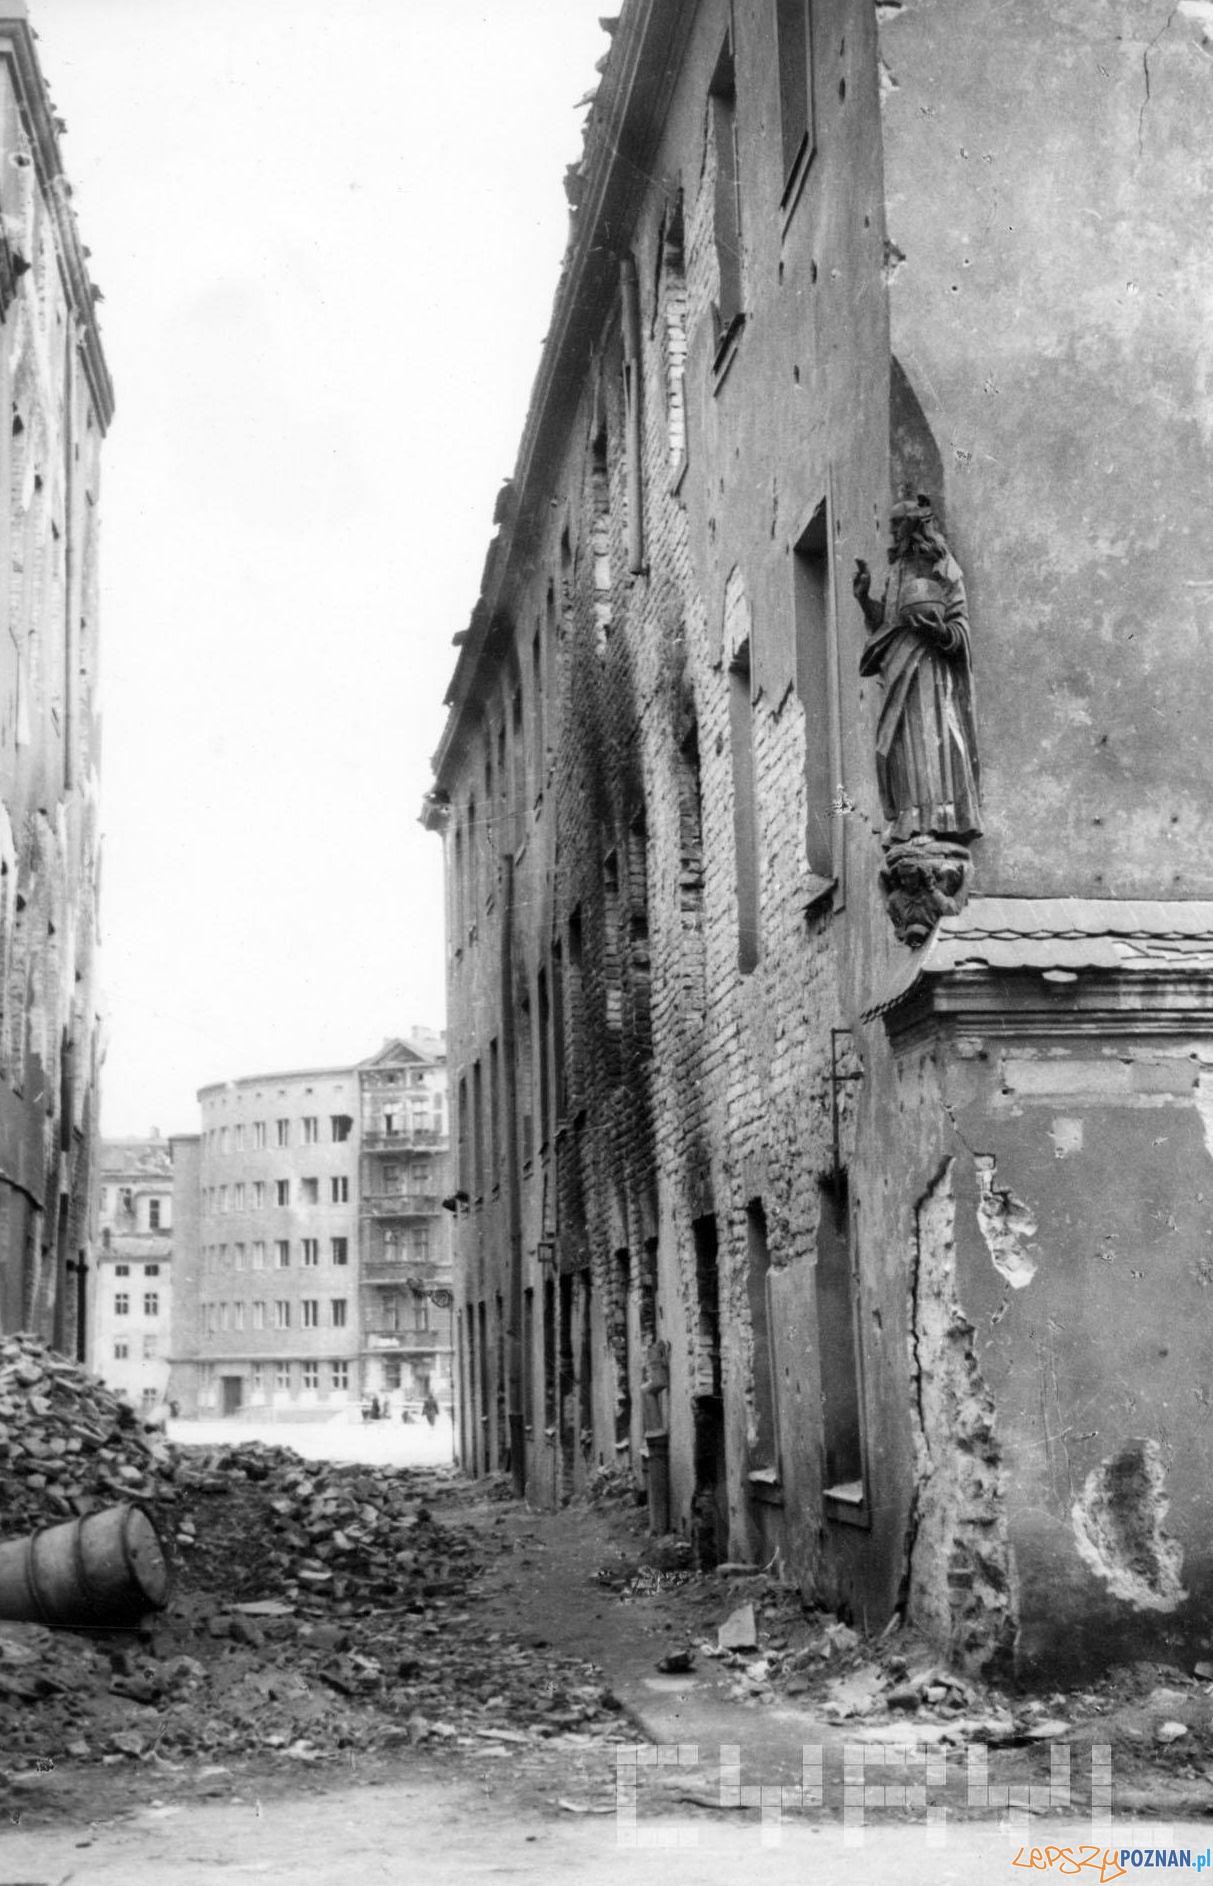 Ulica Kozia - 1945 - wojenny Poznań  Foto: Zbigniew Zielonacki / Cyryl